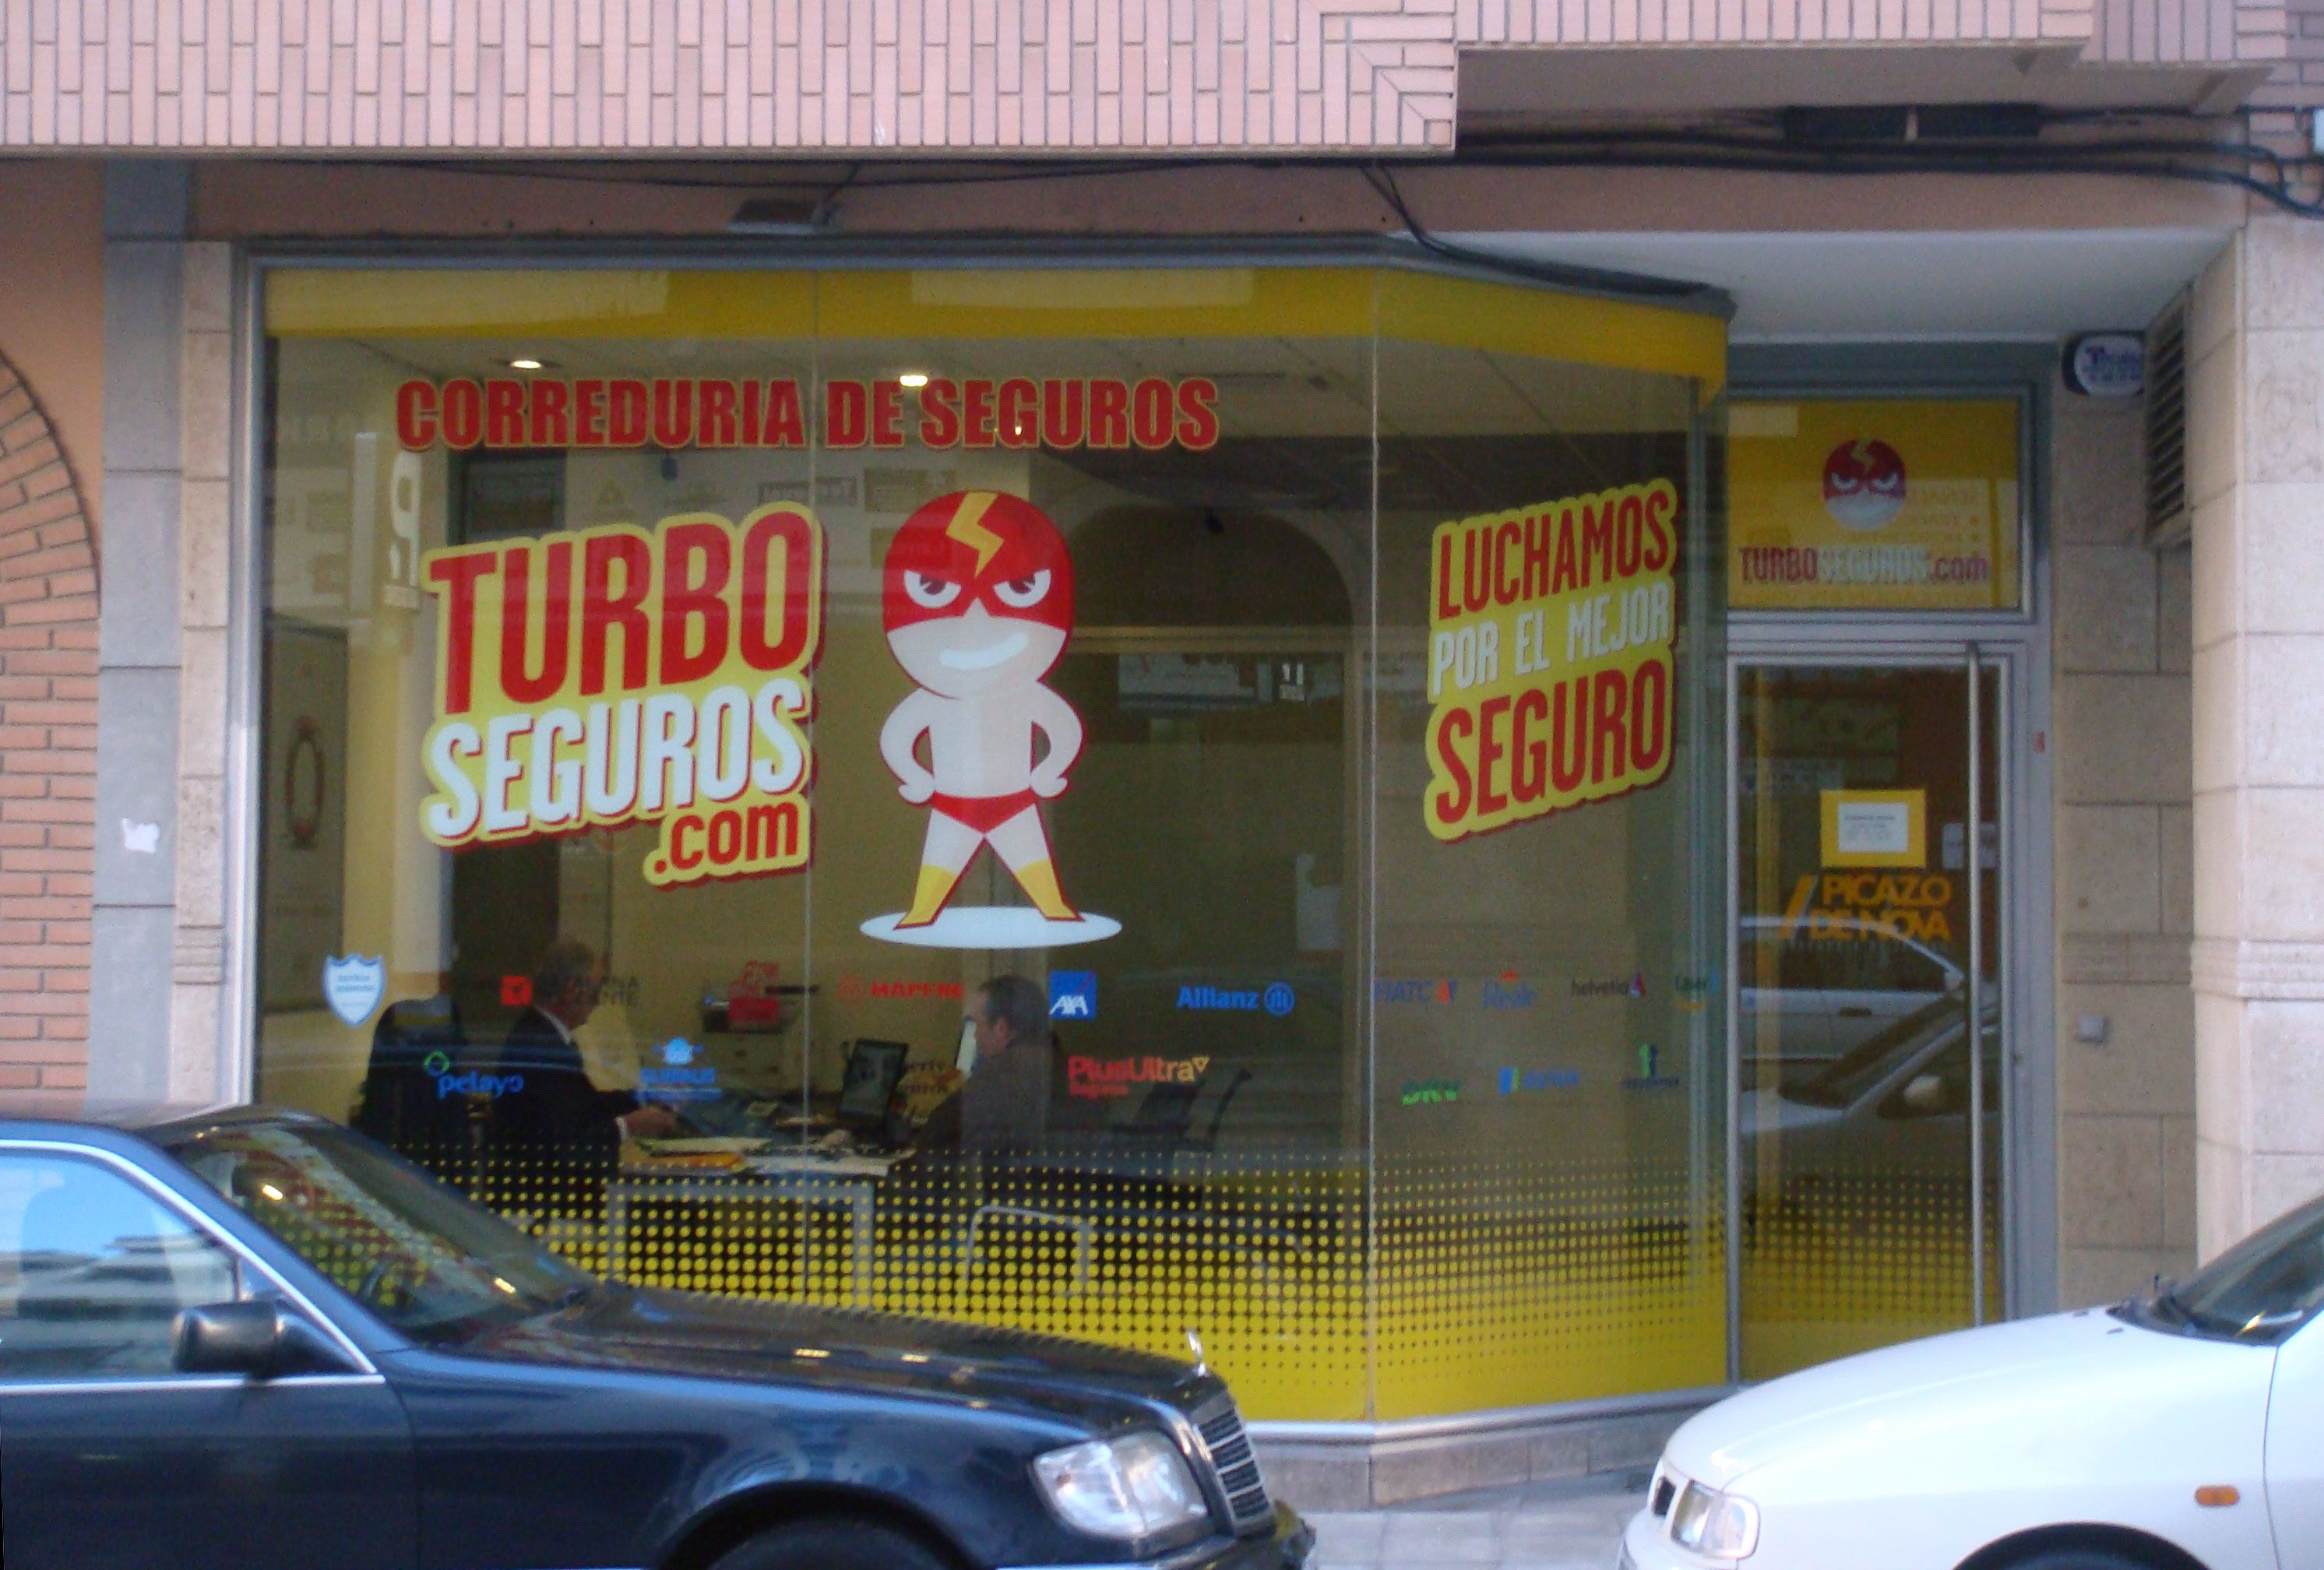 turboseguros busca auxiliares externos ampliar red colaboradores seguros